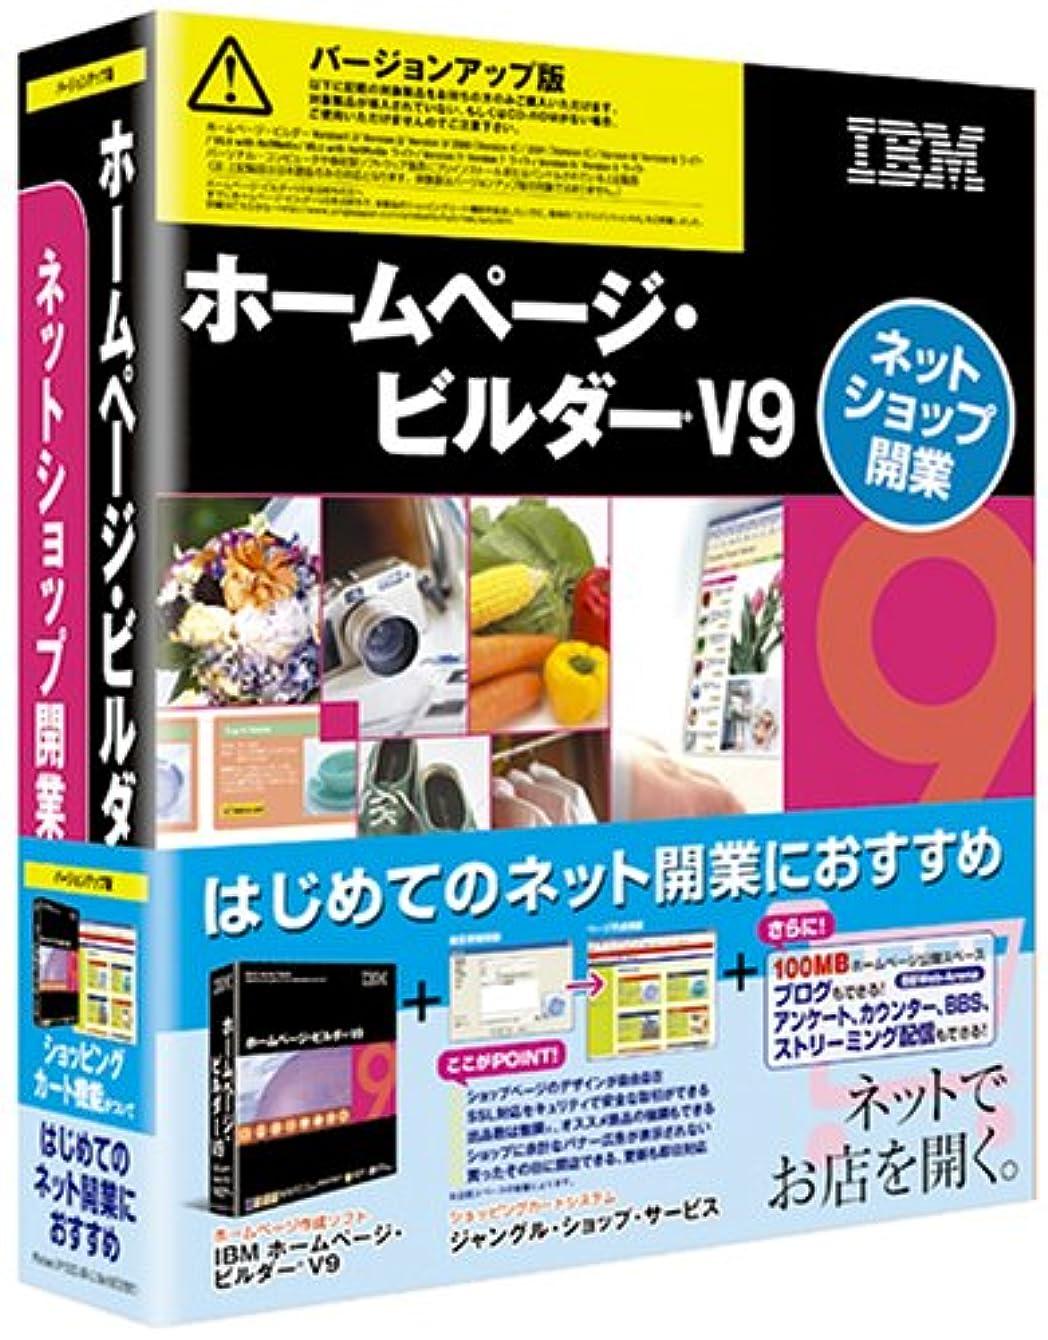 システム落ち着かない家庭IBMホームページ?ビルダー V9 ネットショップ開業 バージョンアップ版 スペシャルキャンペーン版